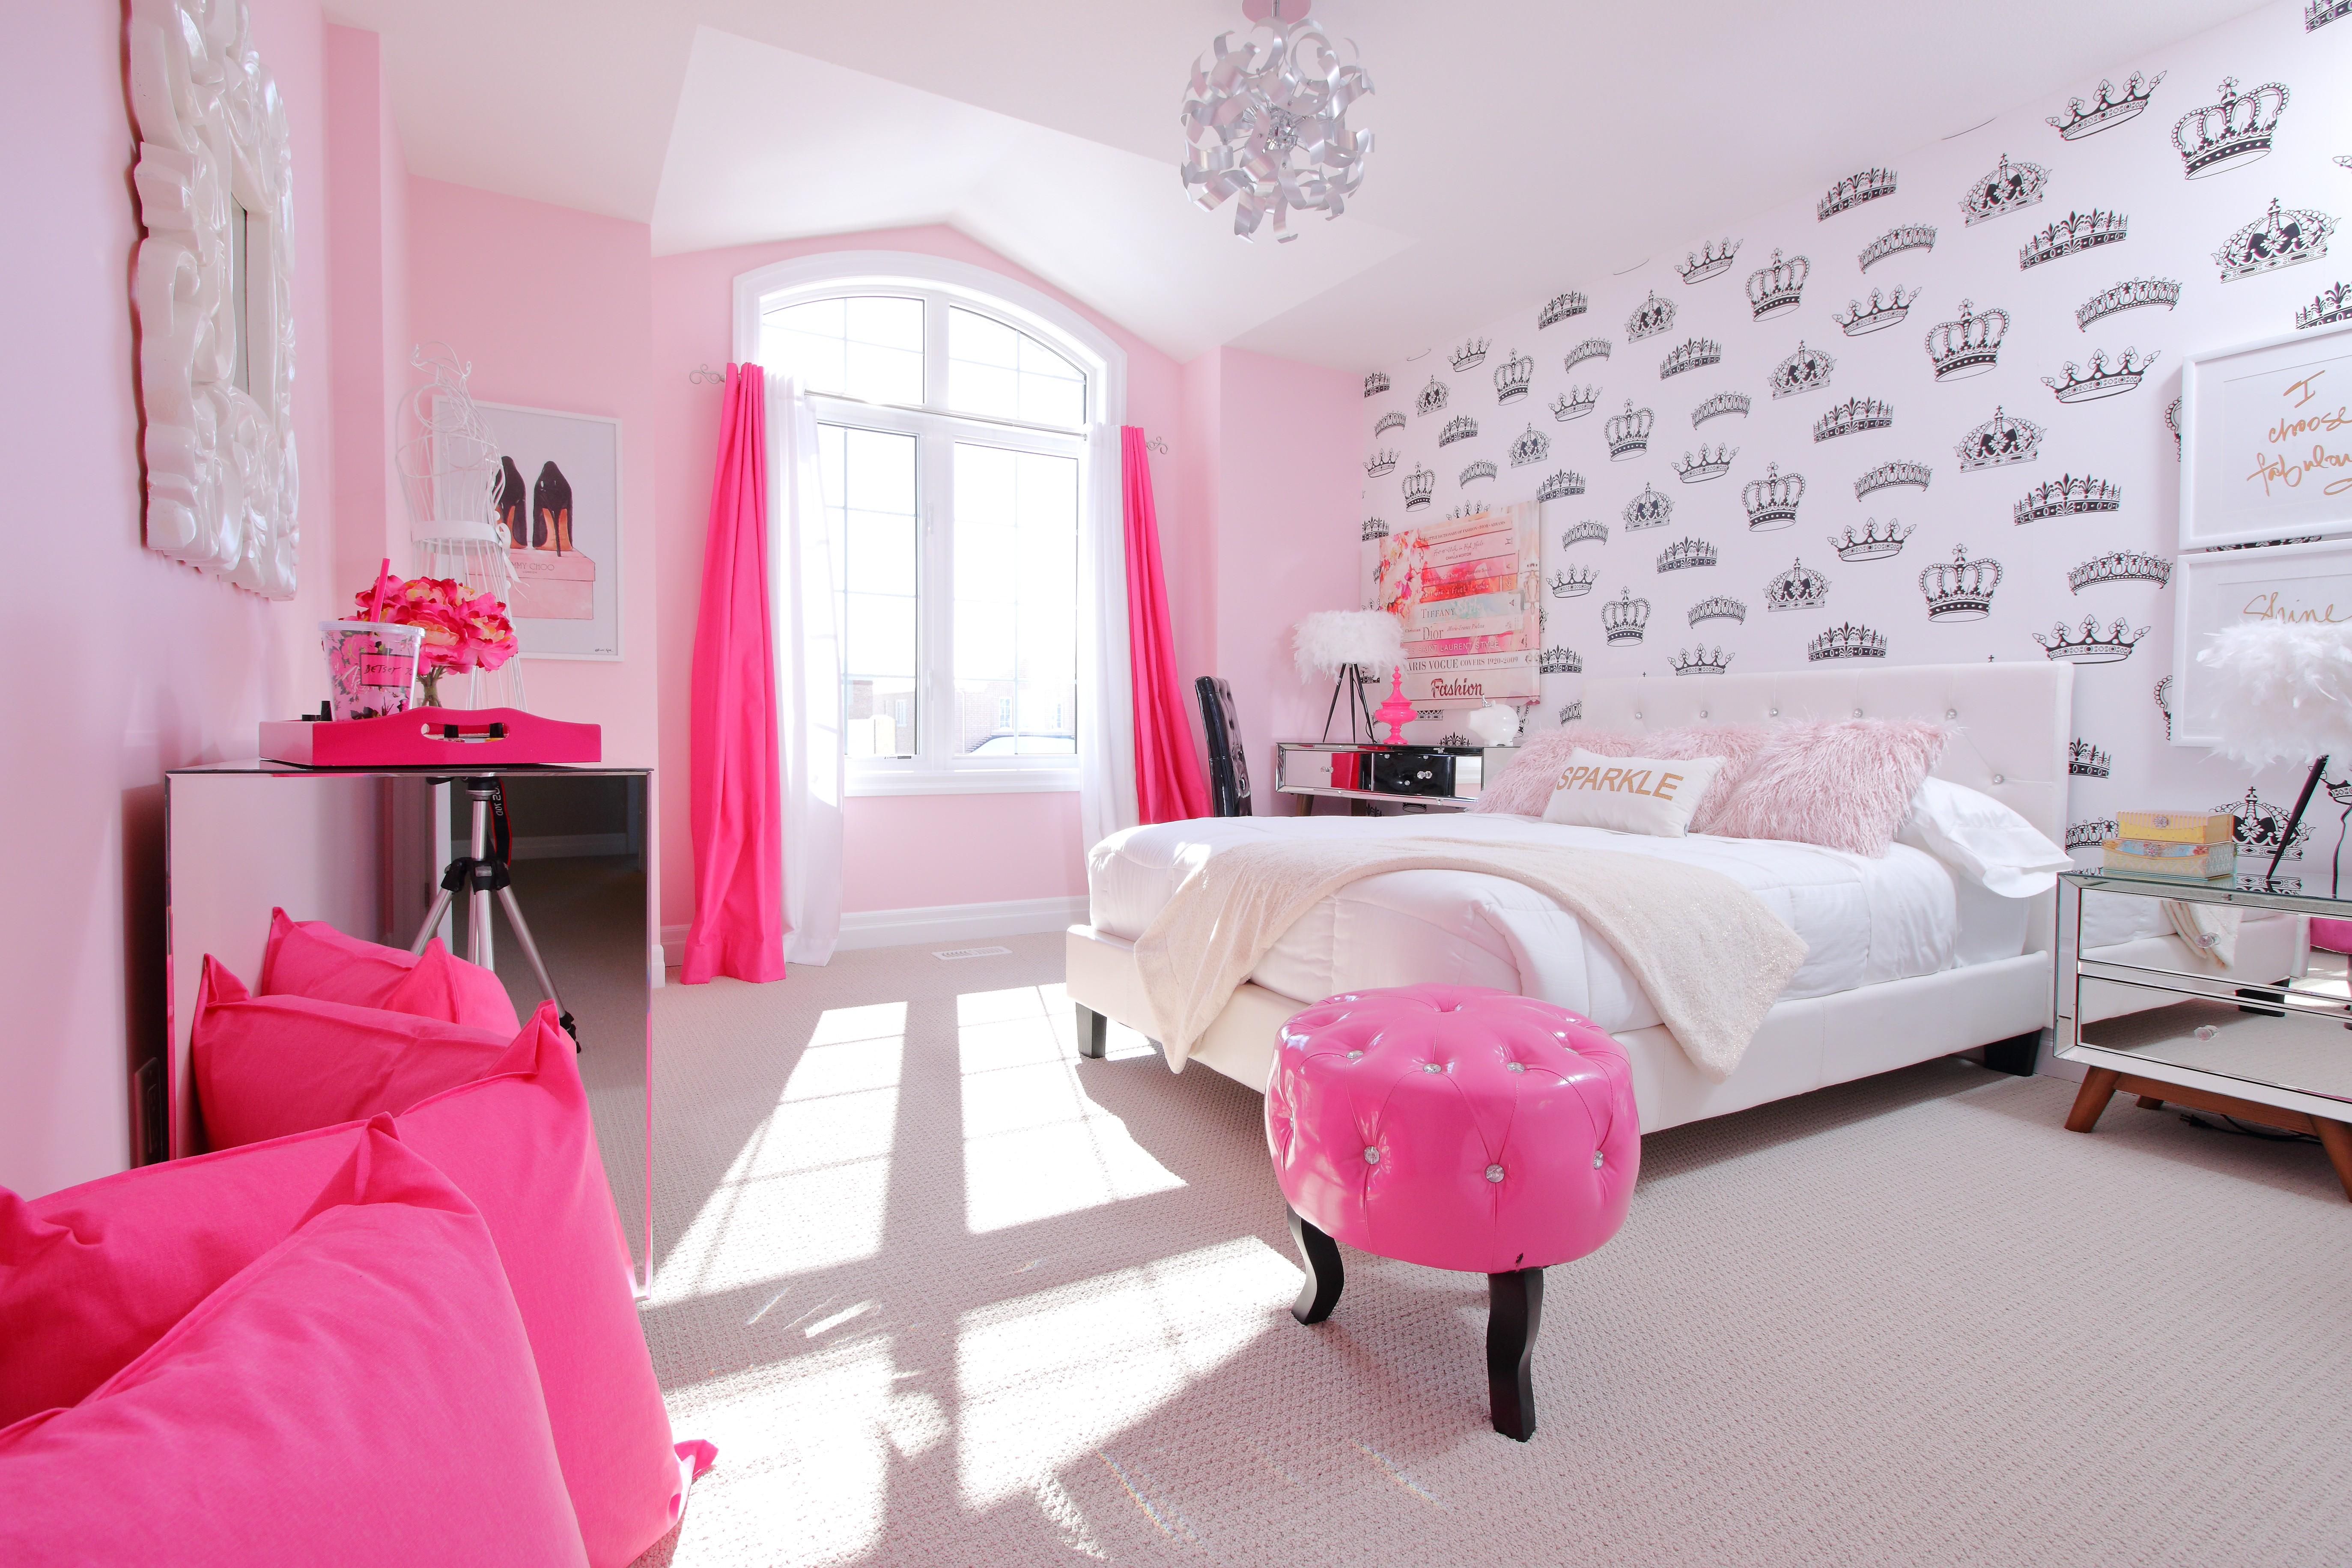 Forestview Residence, Girls room